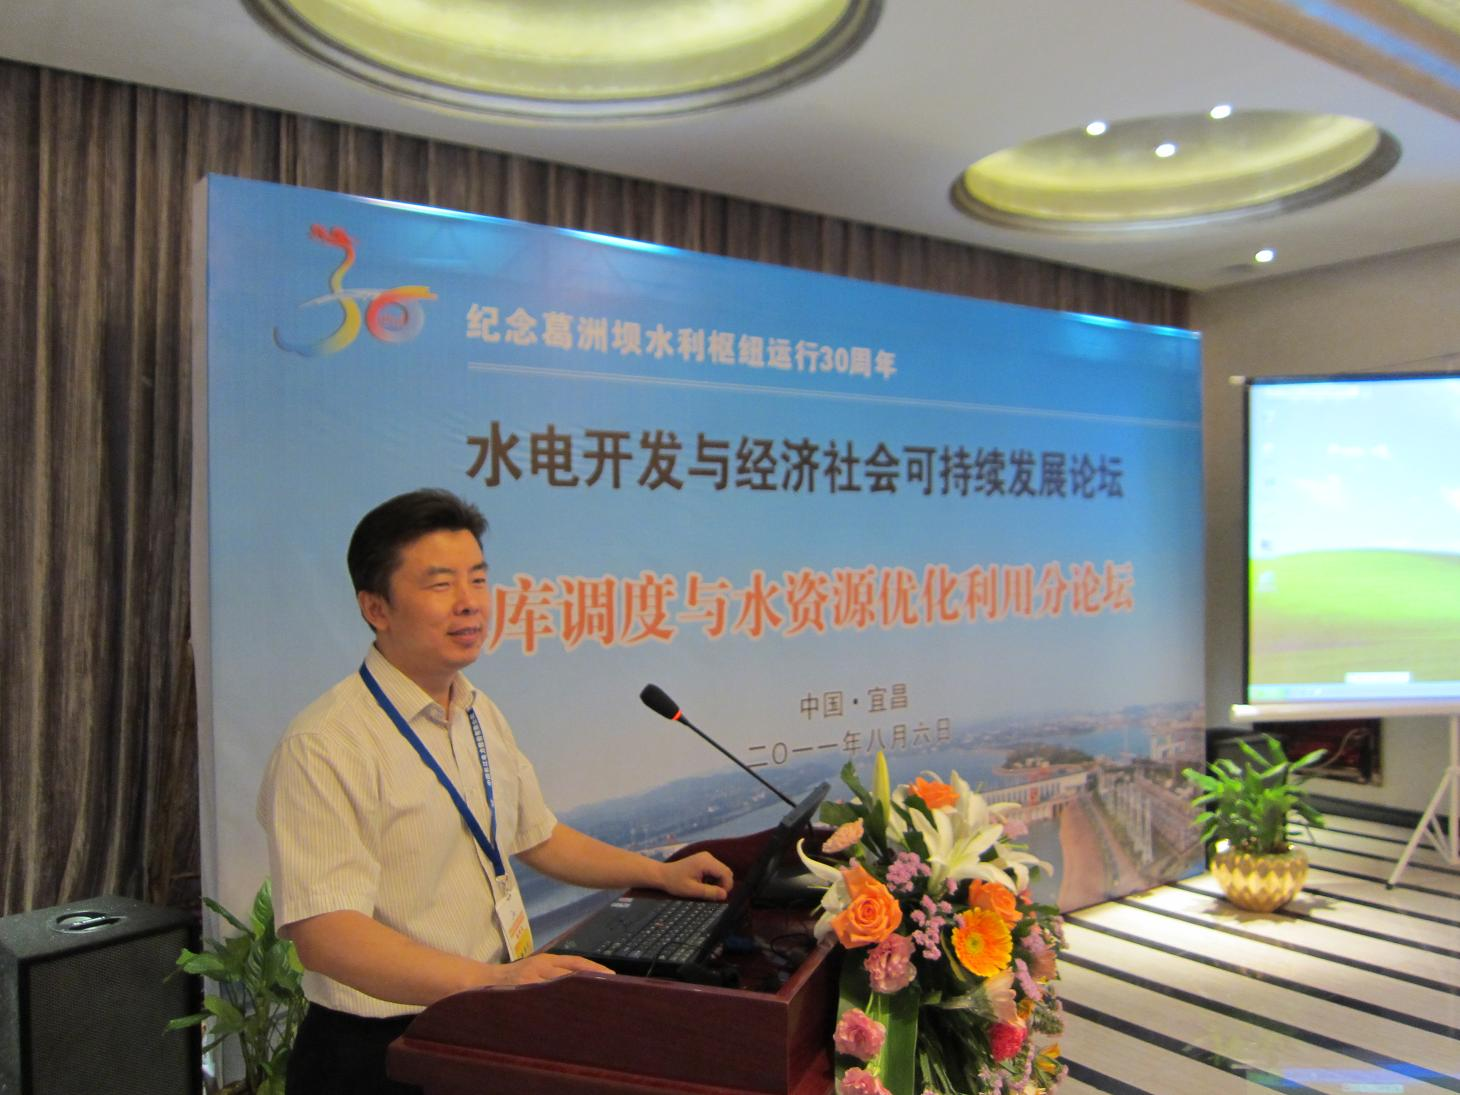 《水库调度与水资源优化利用论坛》    地  点:馨岛国际大酒店